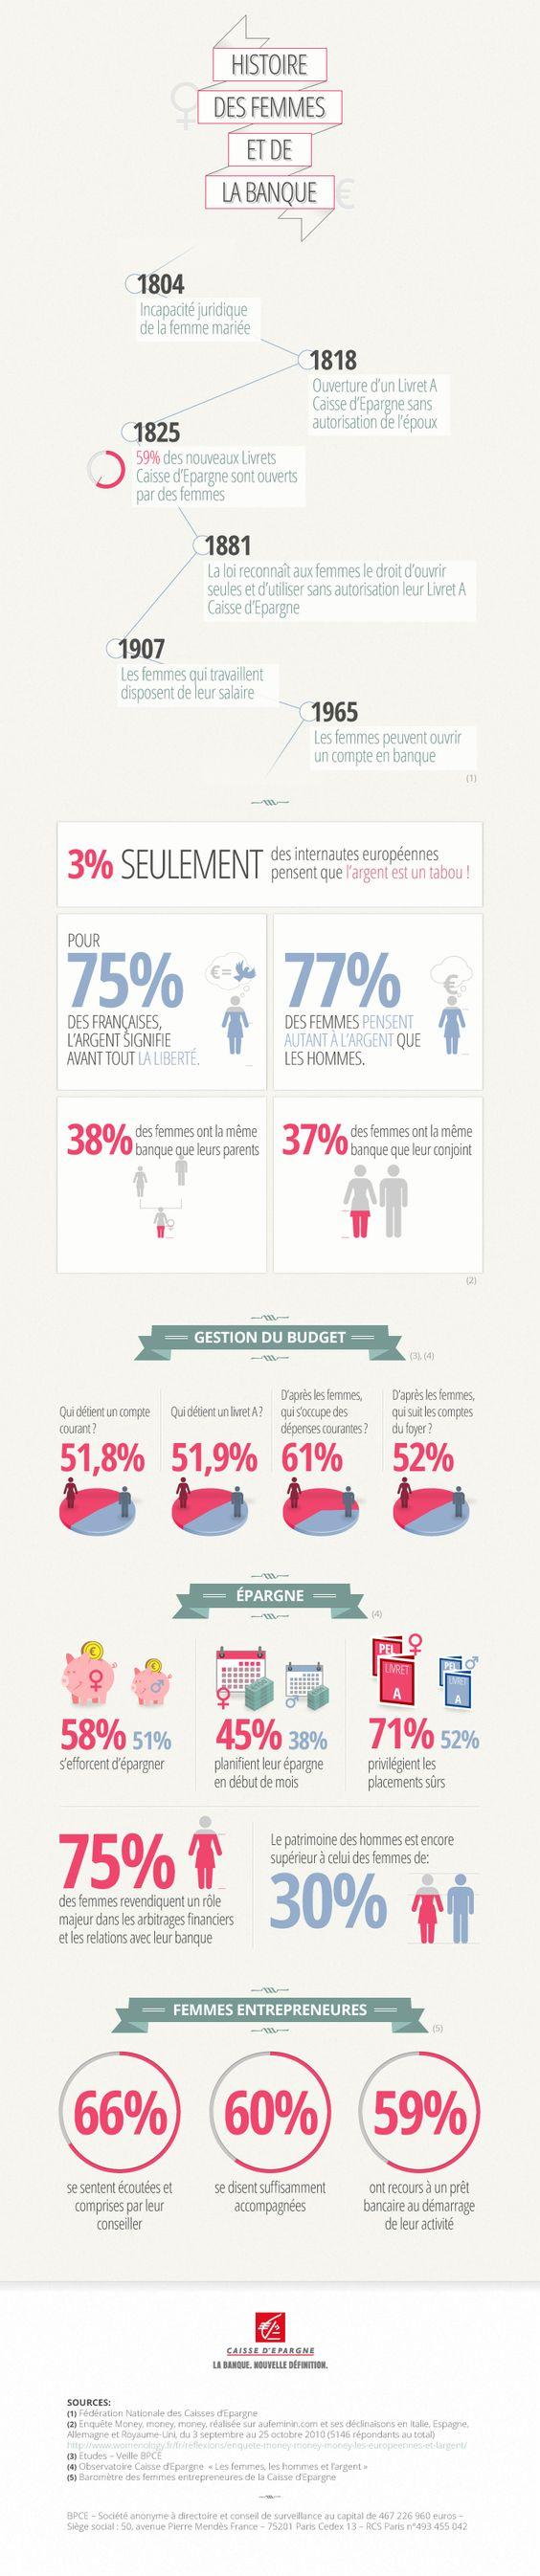 Histoire des droits et usages bancaires des femmes - Culture Banque